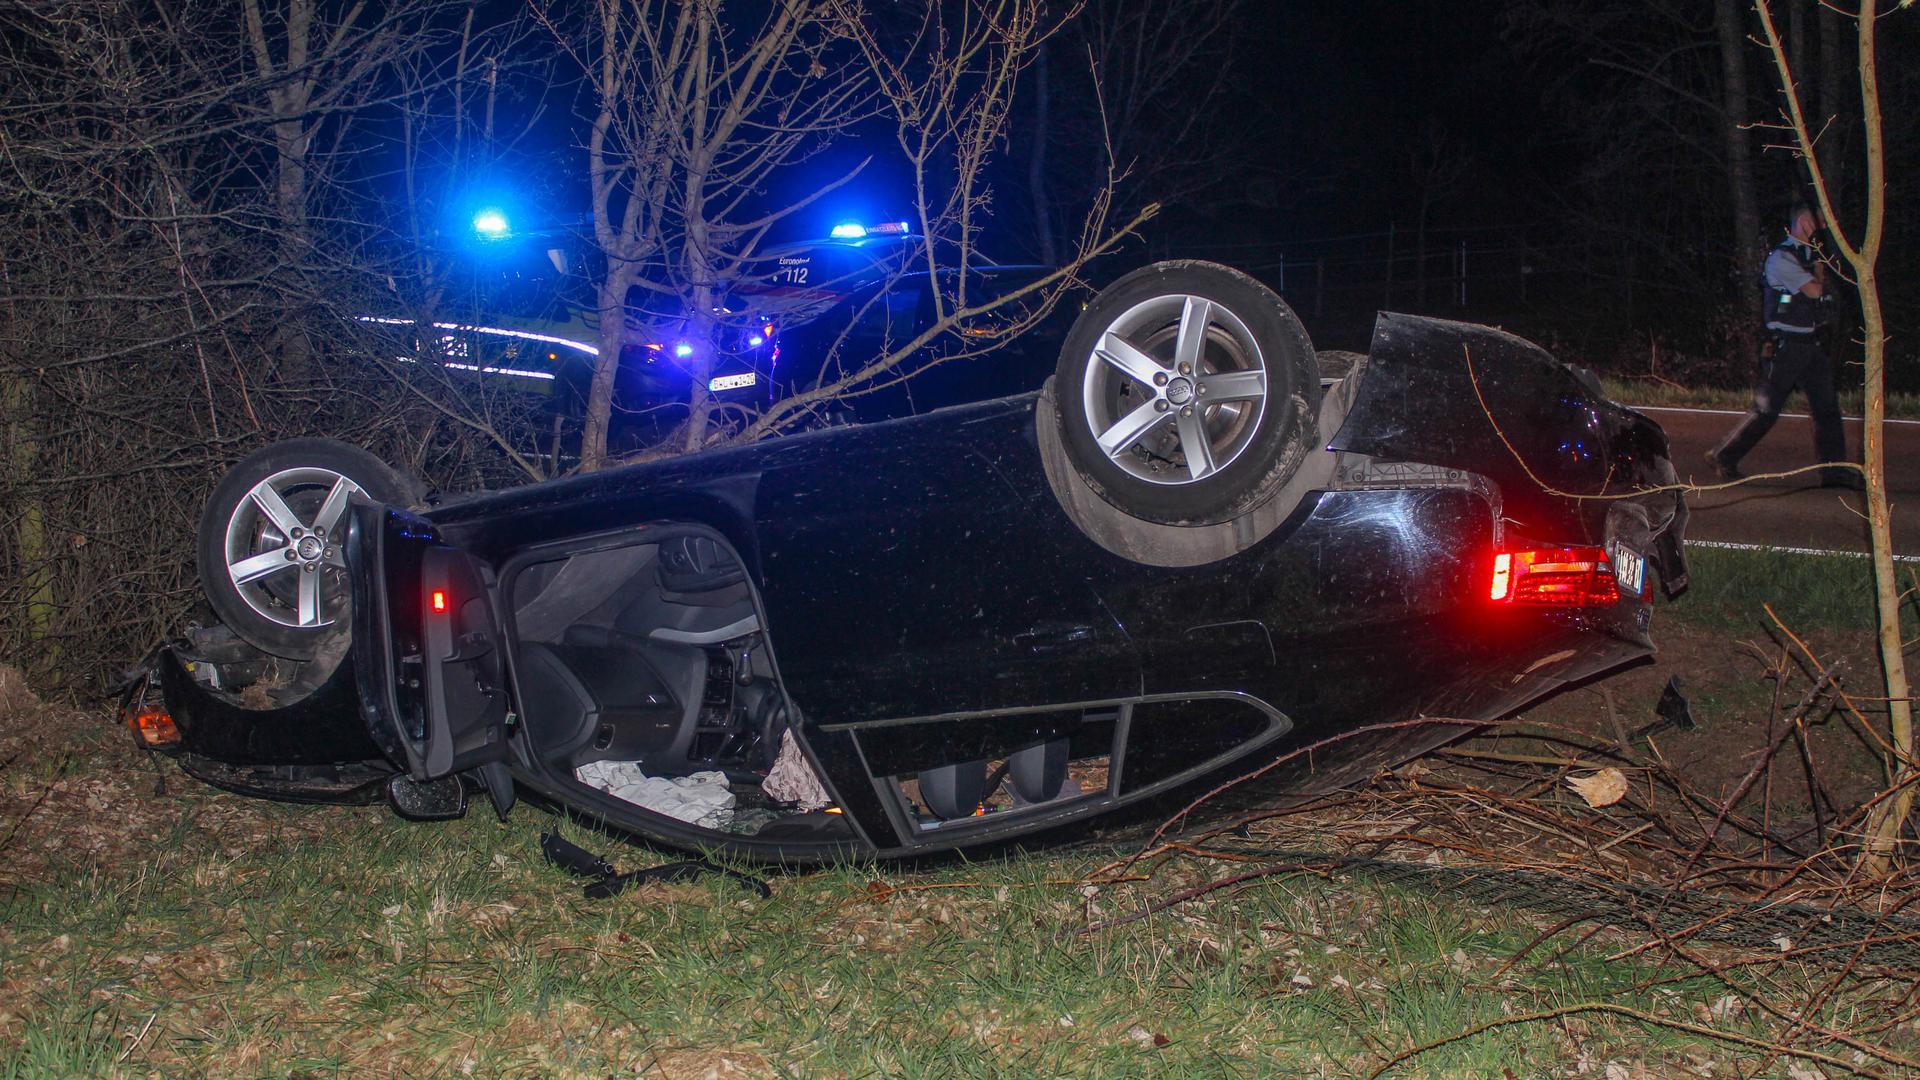 Nach dem Unfall musste der Fahrer des Pkw mit einem Hubschrauber der Deutschen Luftrettung in eine Stuttgarter Klinik geflogen werden.